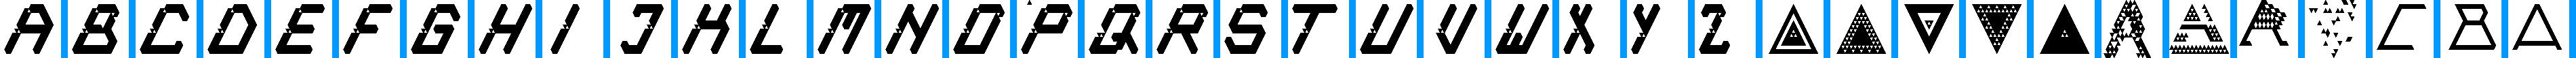 Particip-a-type v.215